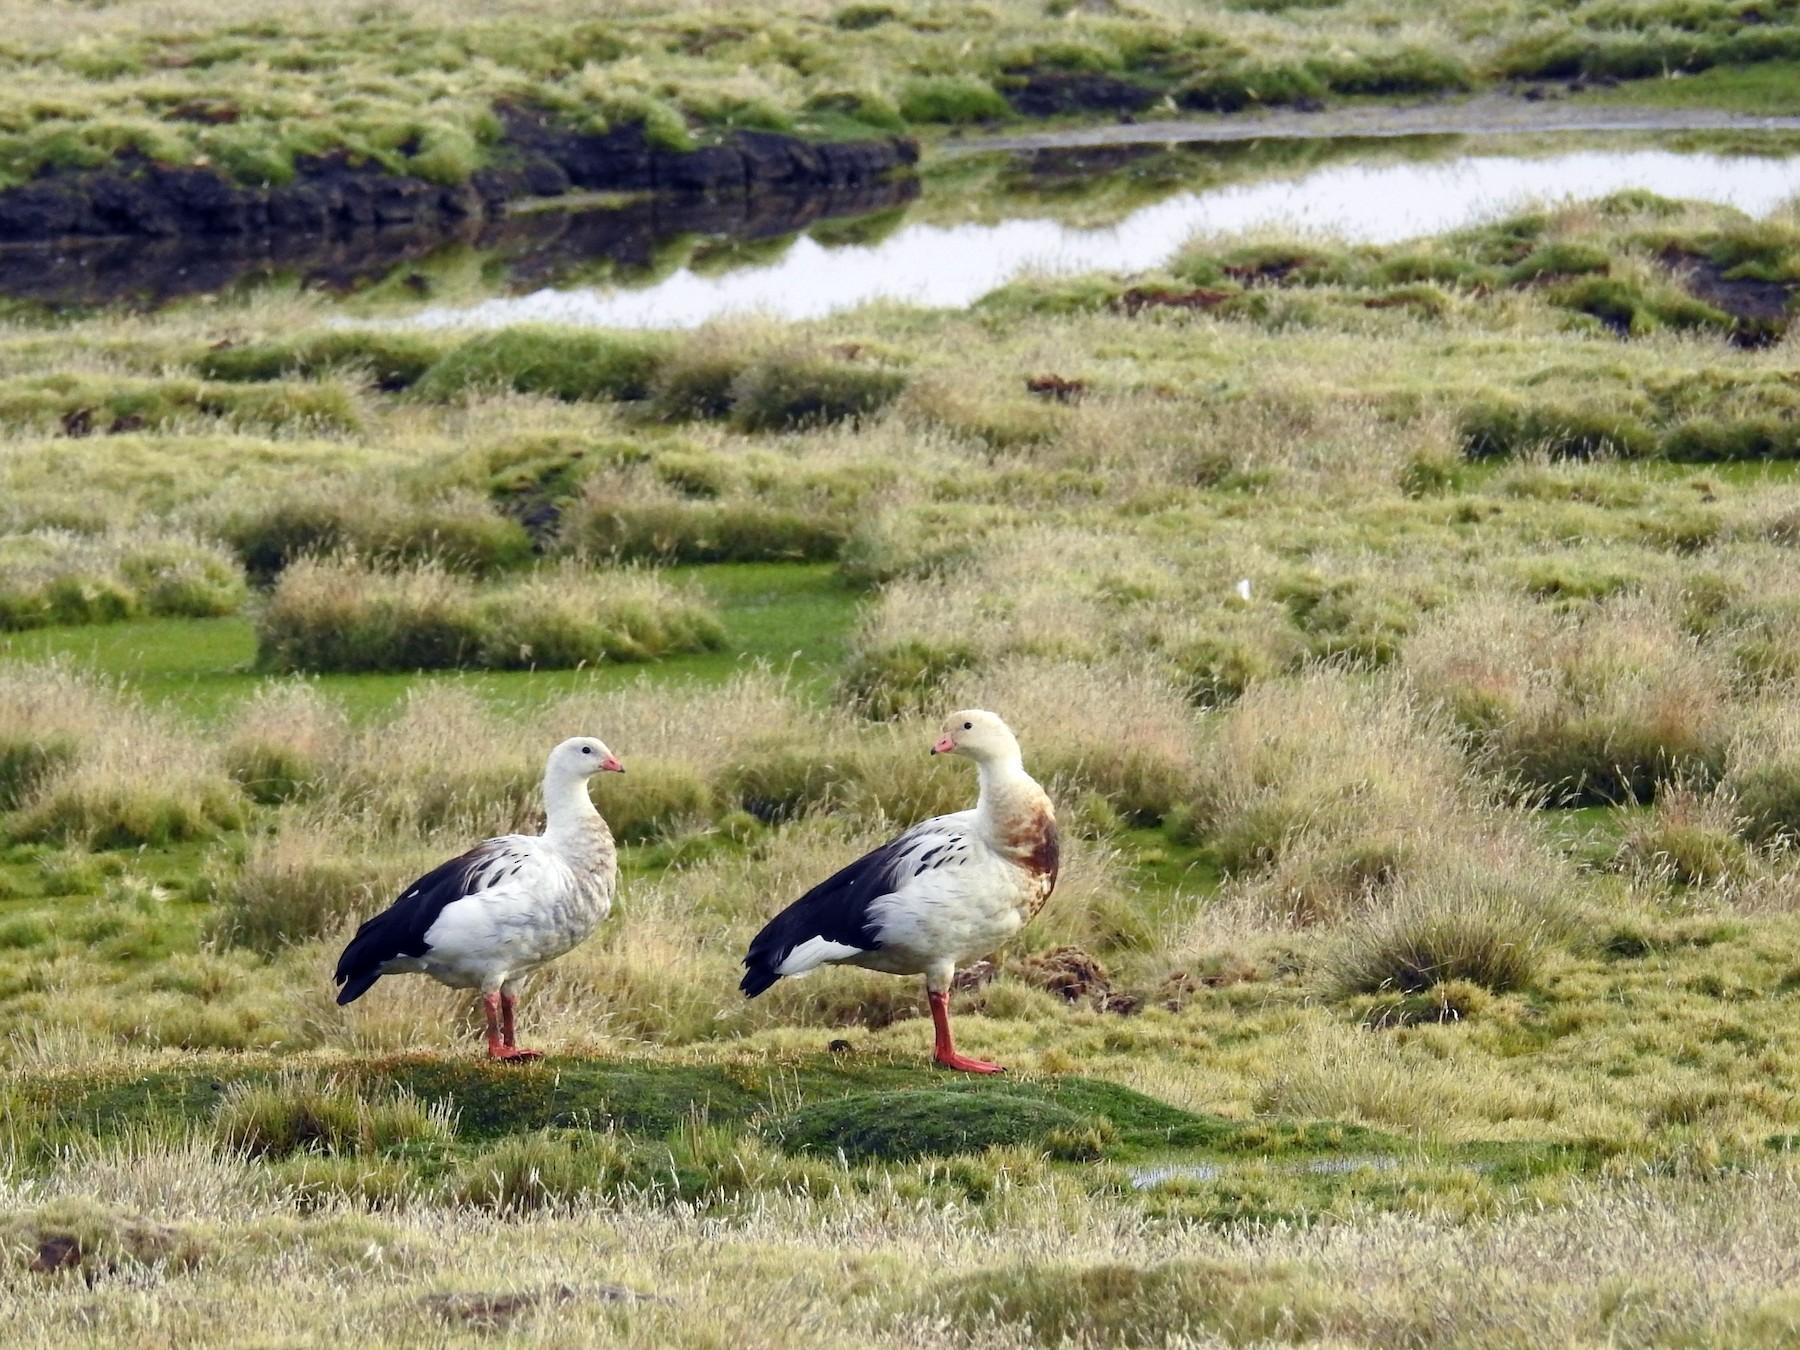 Andean Goose - Carlos Alberto Soto Camacho